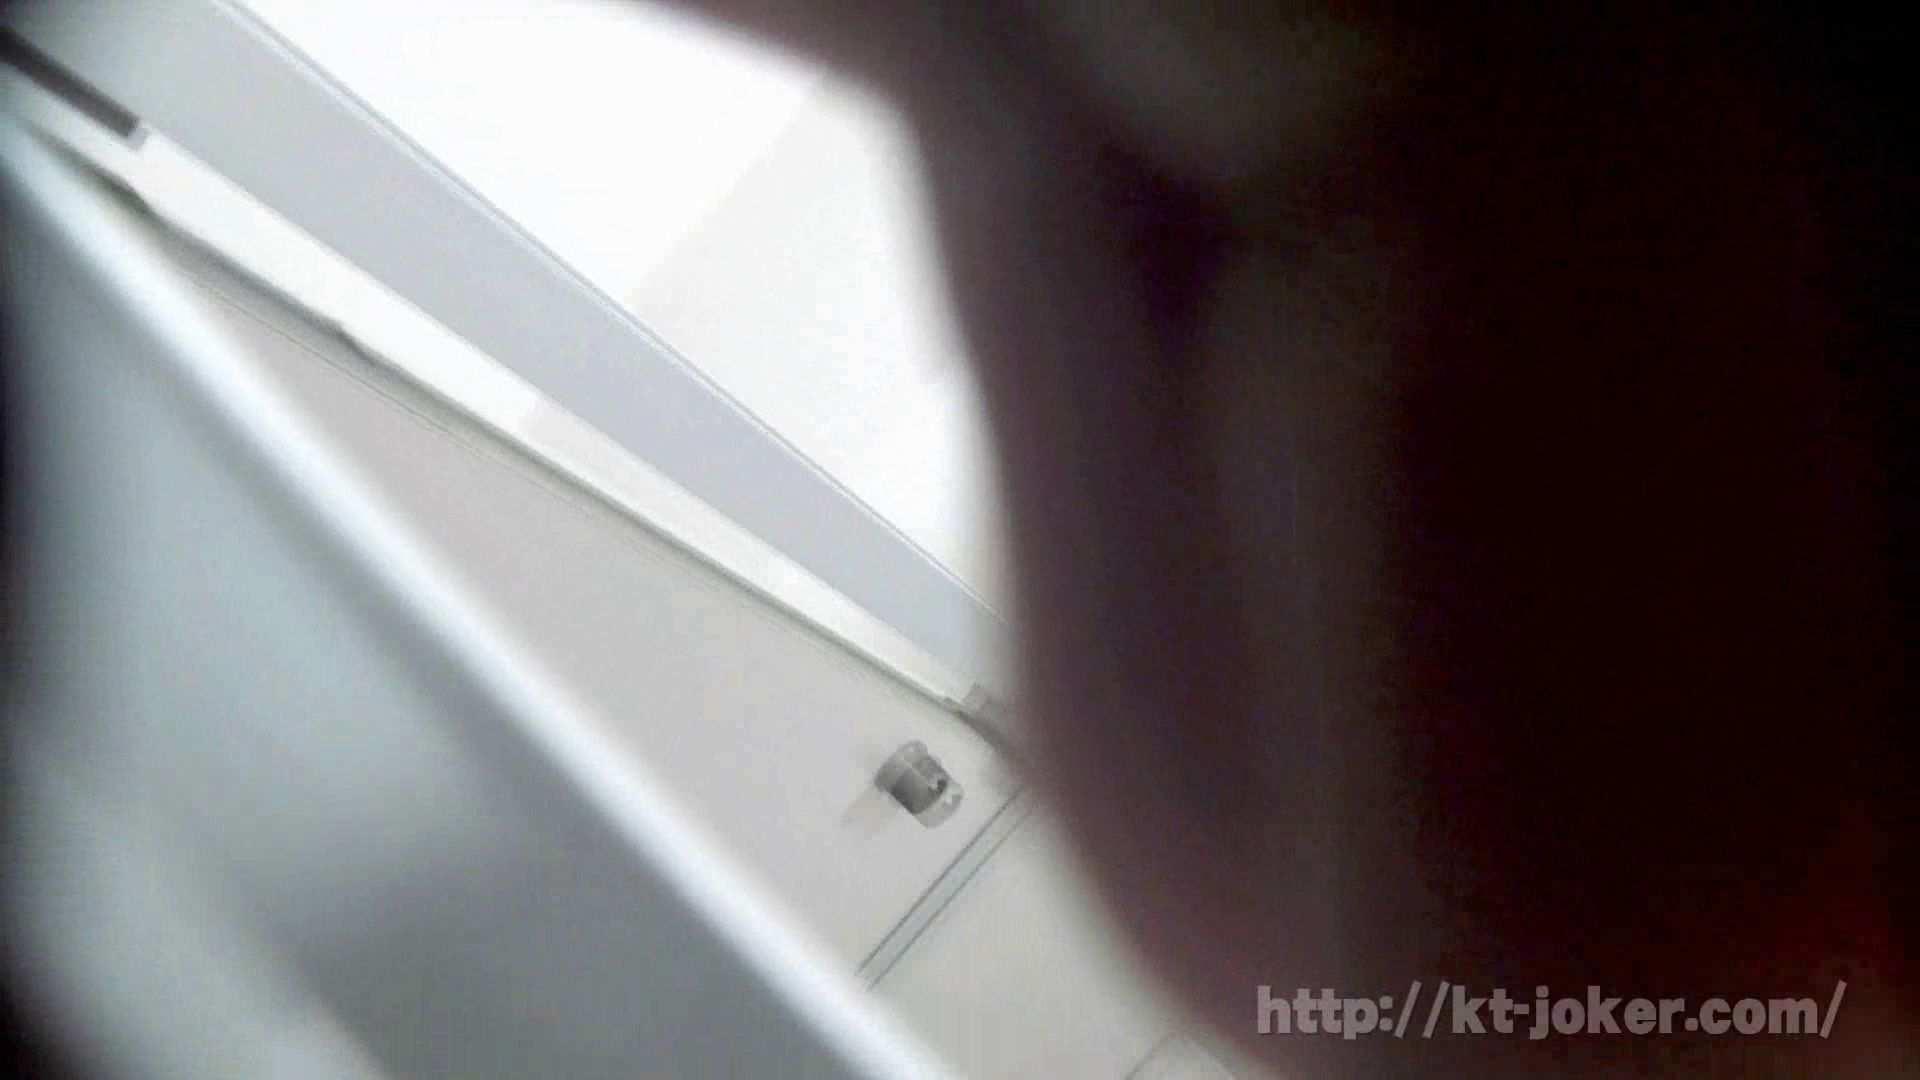 命がけ潜伏洗面所! vol.68 レベルアップ!! プライベート | OLセックス  106画像 31